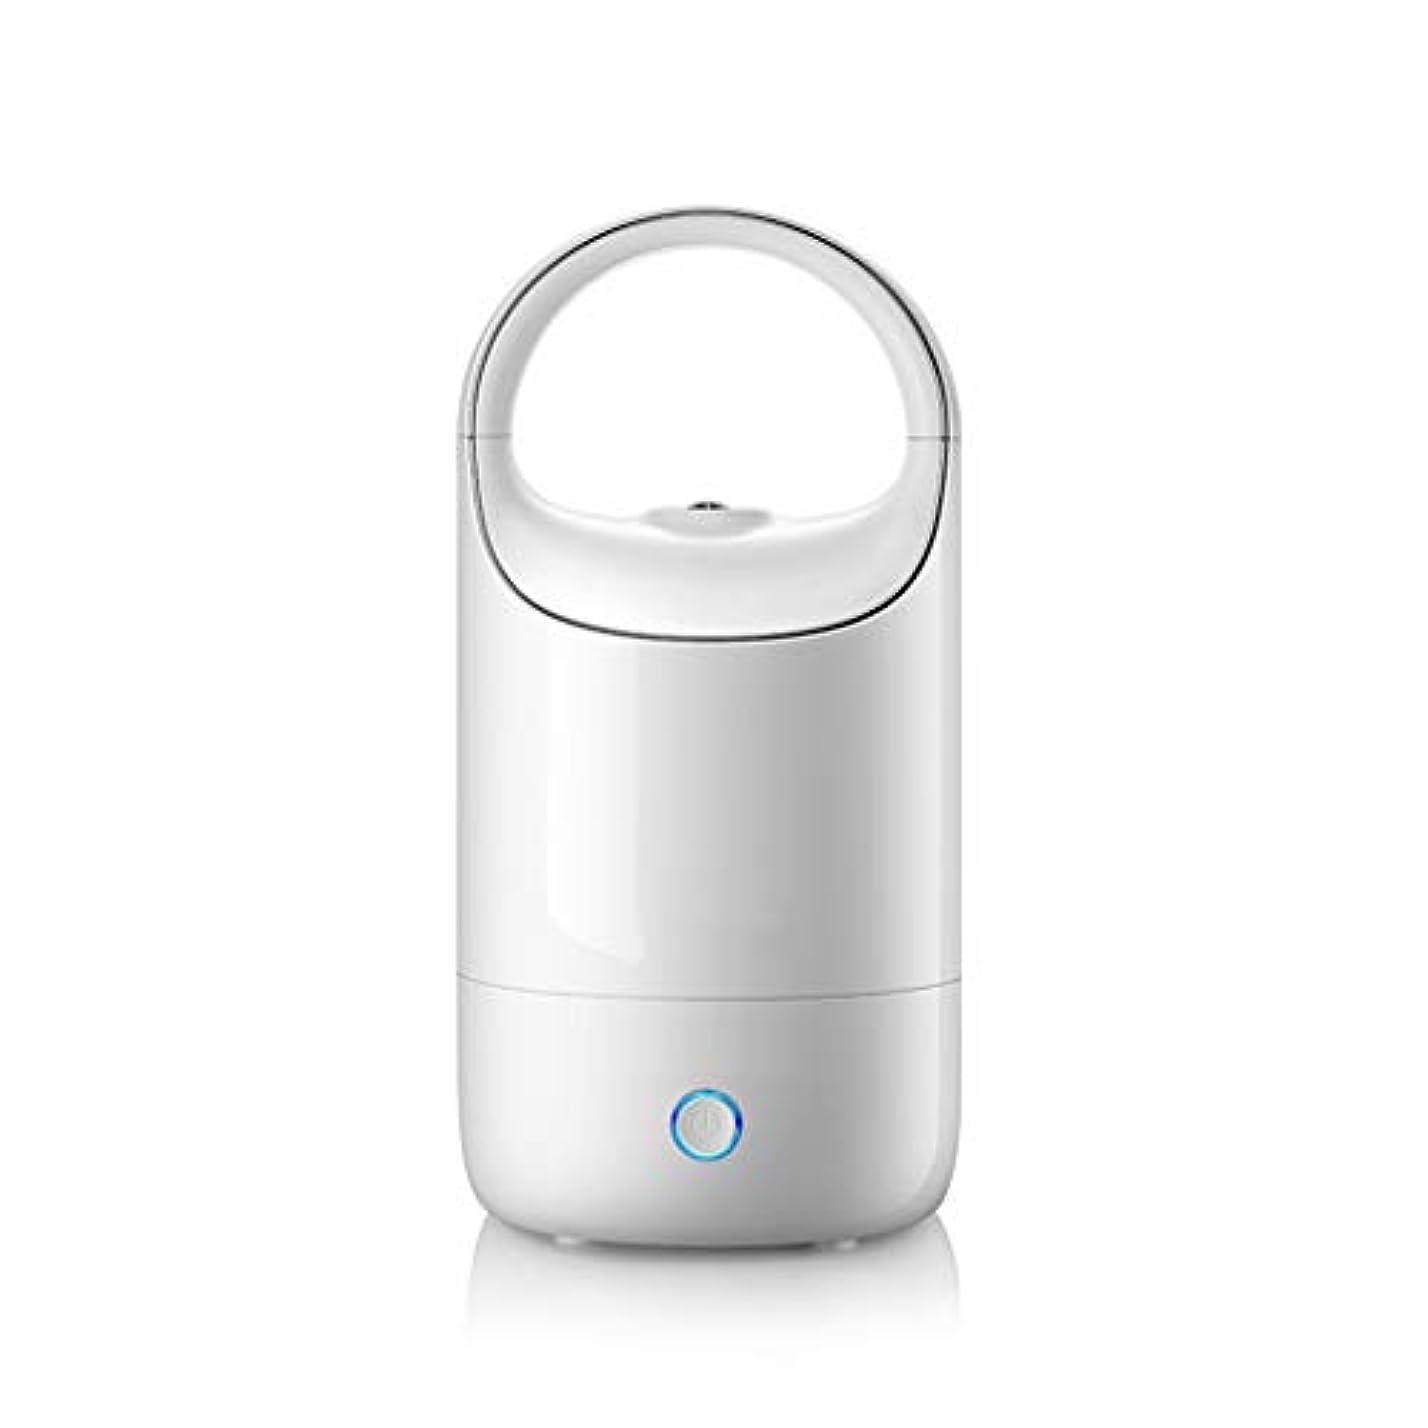 スラッシュファイナンスファイル空気加湿器ホームサイレント寝室妊婦赤ちゃん空気霧大容量ディフューザー (Color : White)